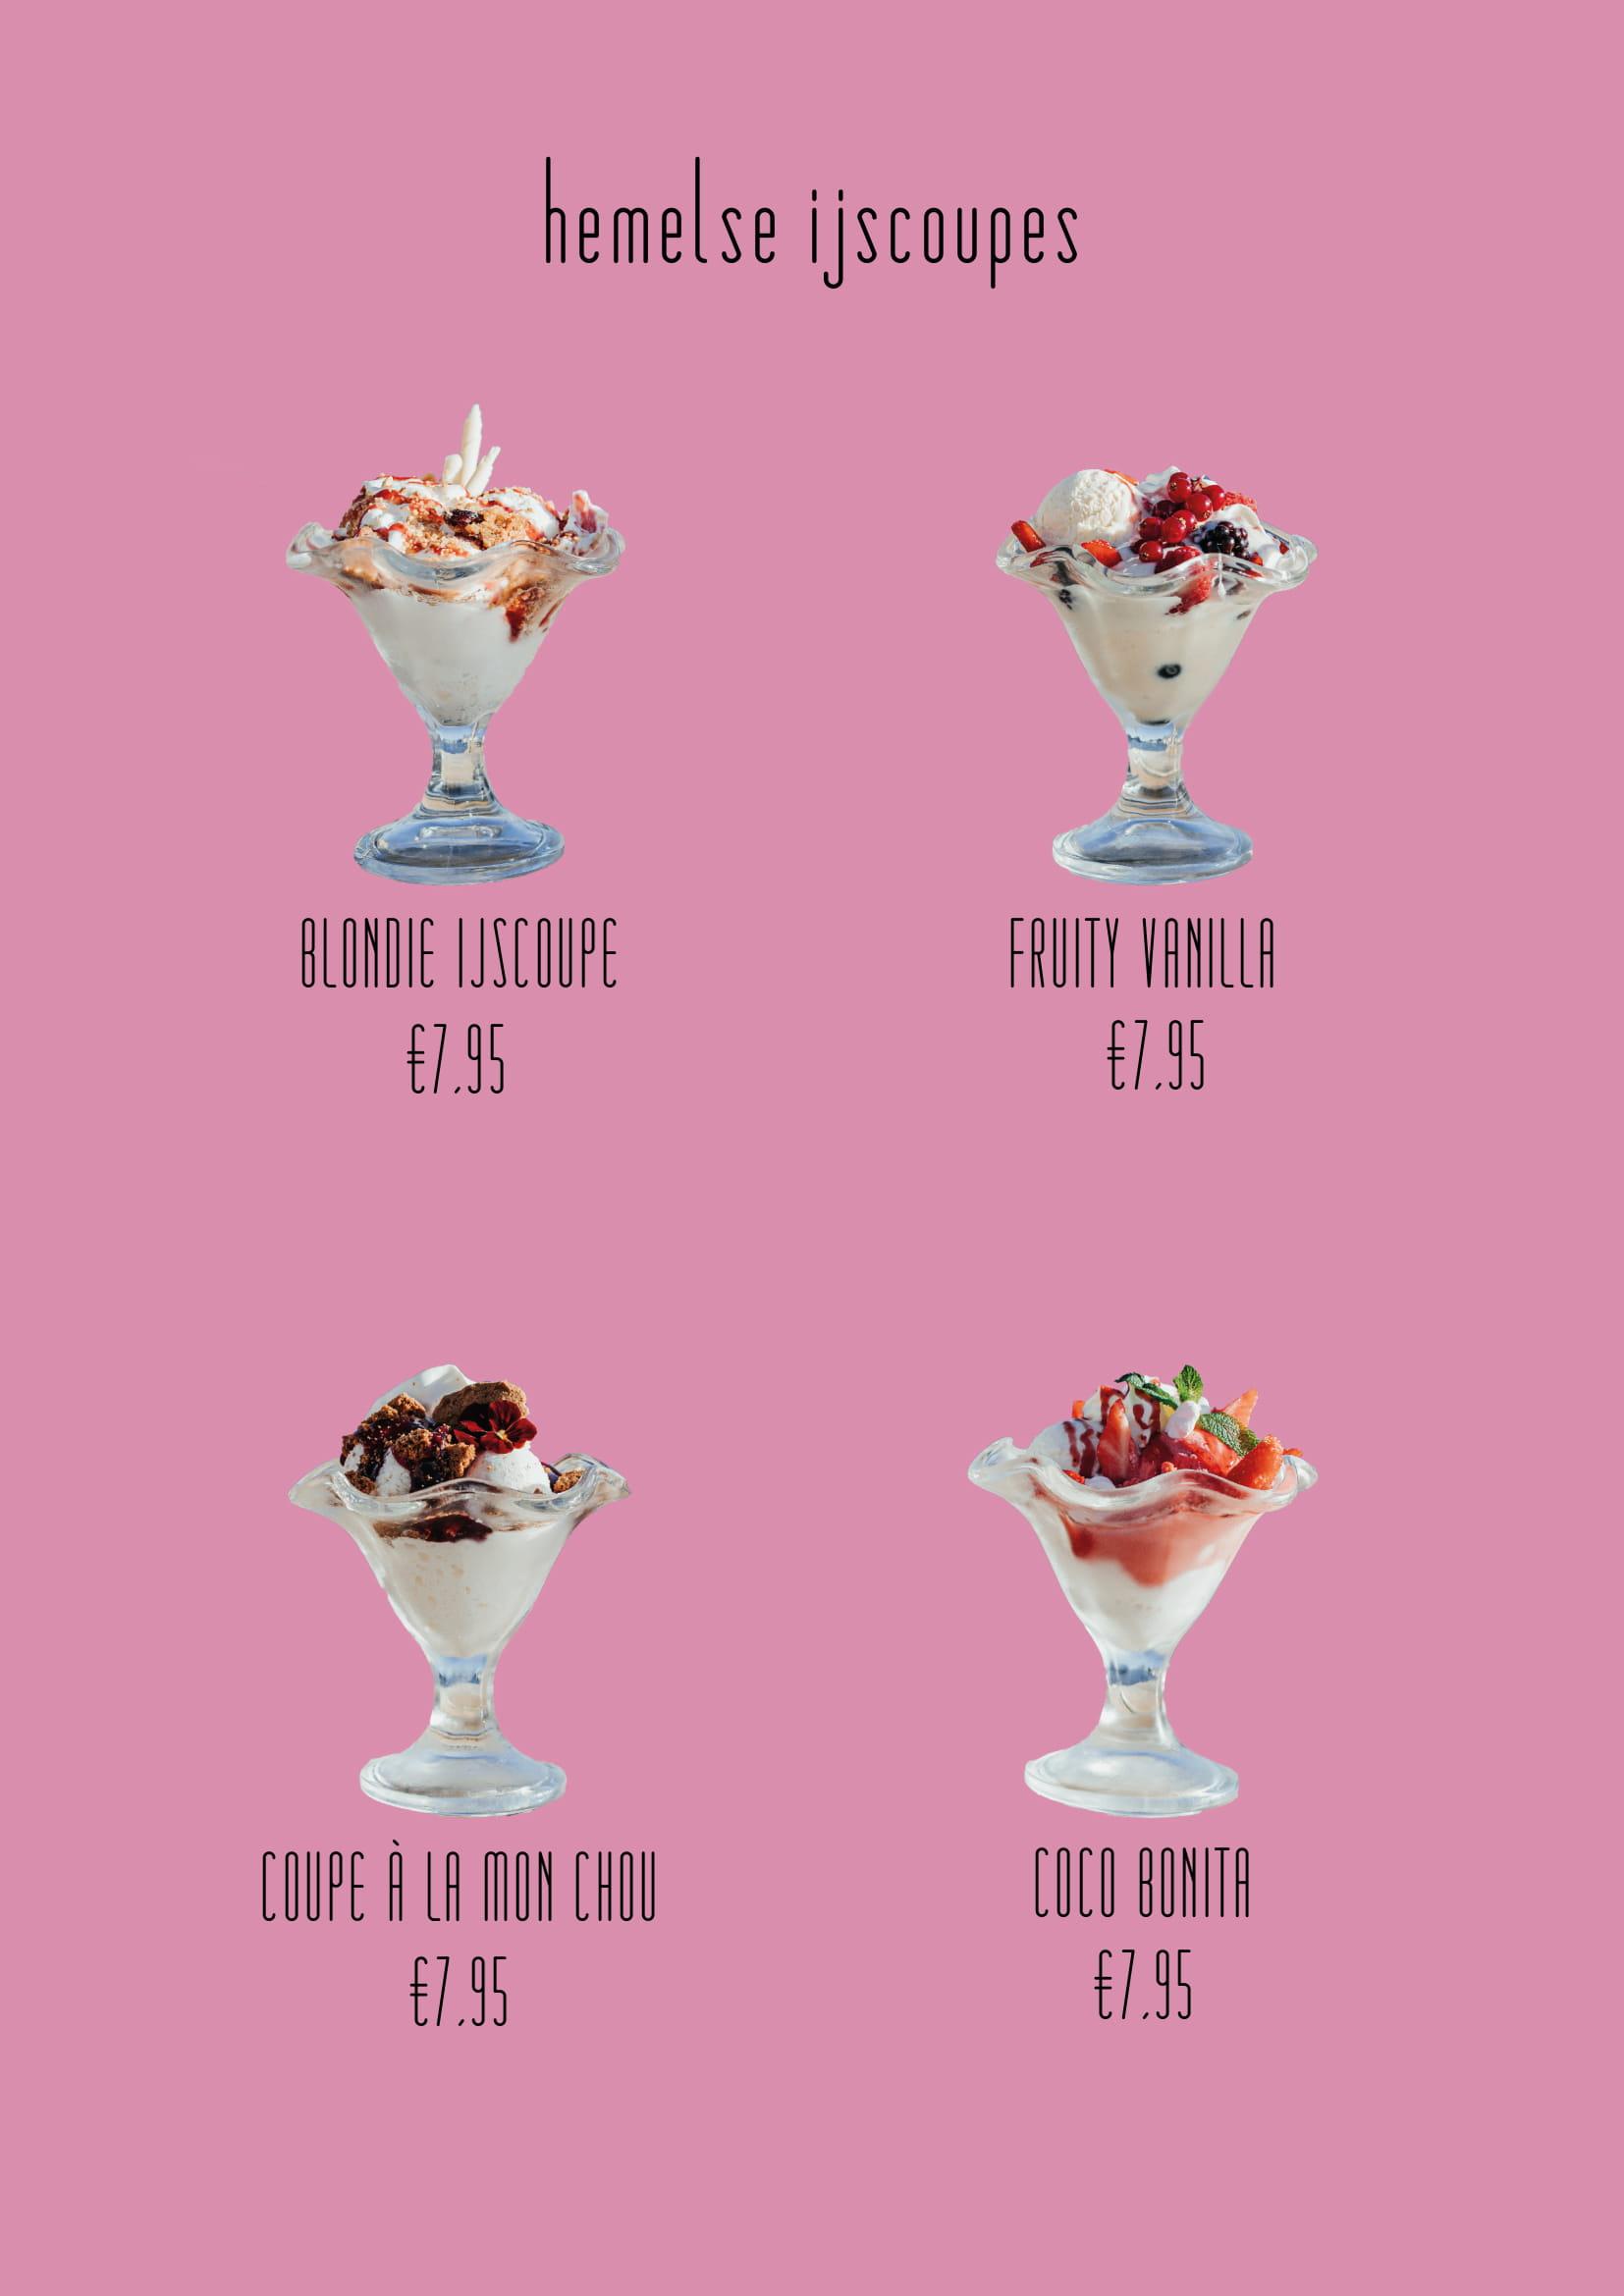 ijscoupes menu